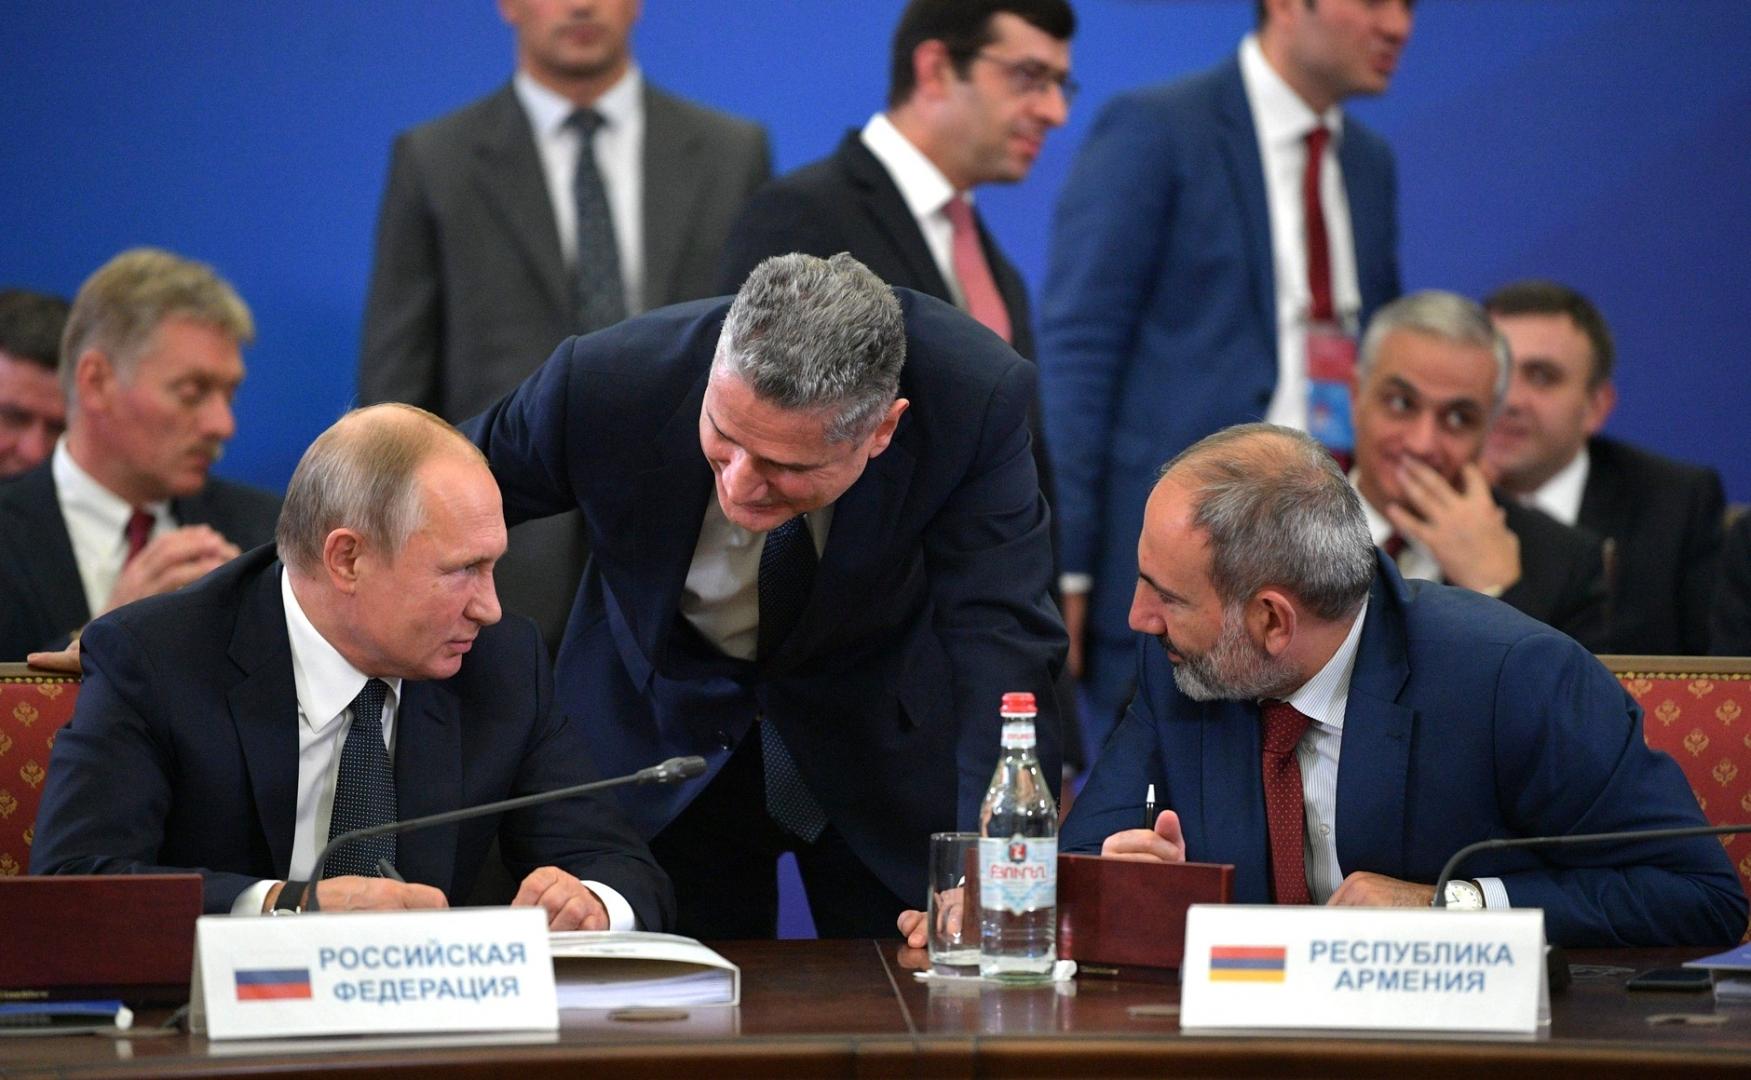 Пашинян и Путин провели вторую встречу в аэропорту - ИА REGNUM